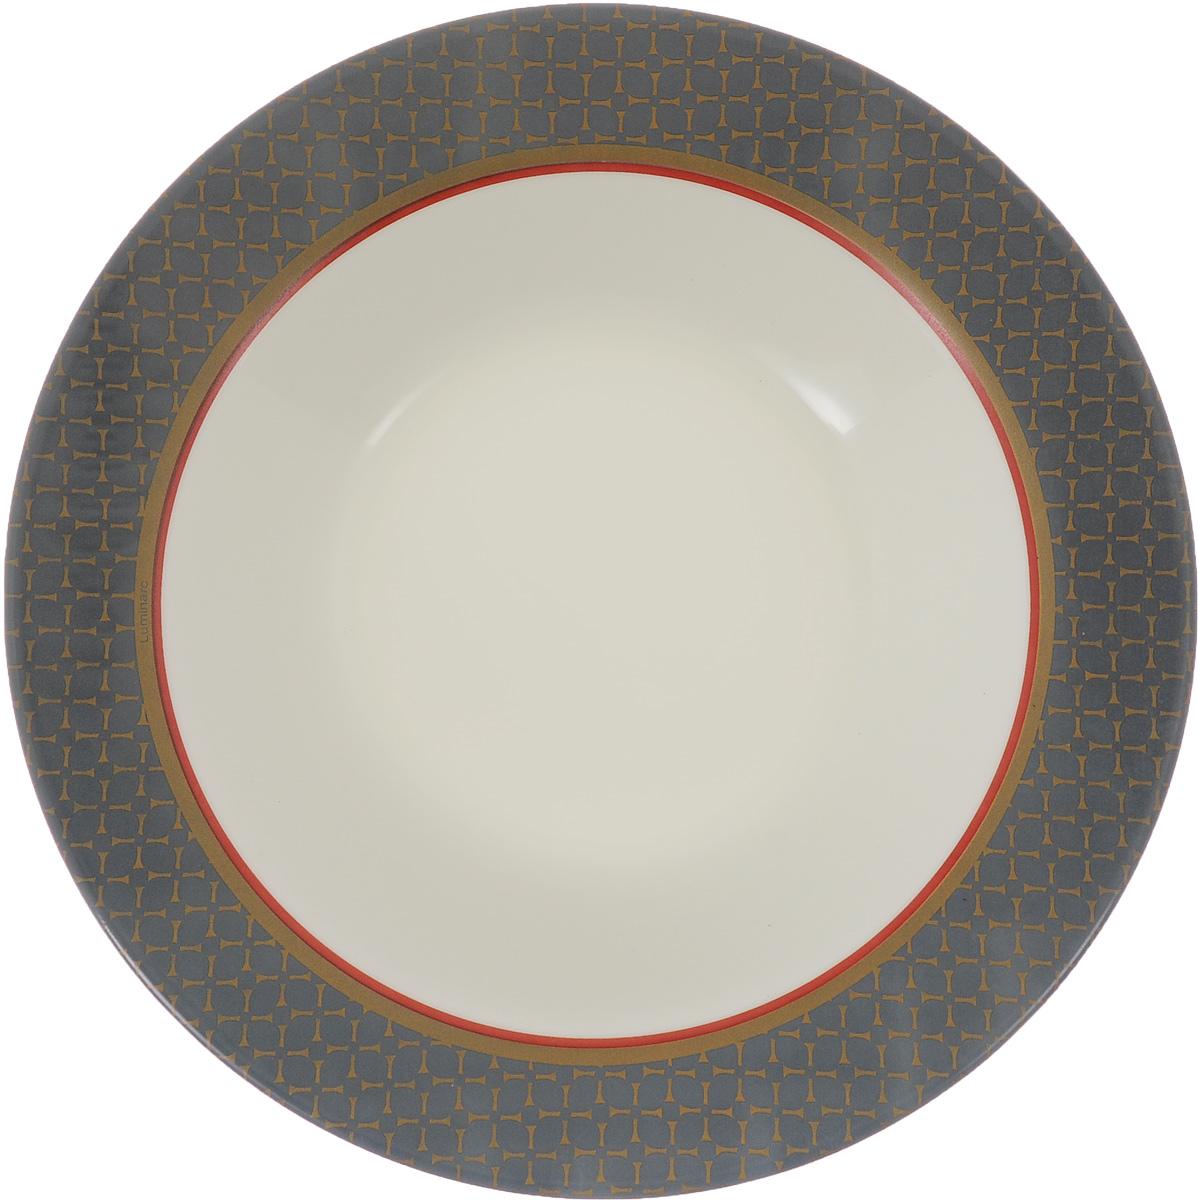 Тарелка глубокая Luminarc Alto Saphir, диаметр 21,8 смJ1933Глубокая тарелка Luminarc Alto Saphir выполнена из ударопрочного стекла и оформлена ярким рисунком. Изделие сочетает в себе изысканный дизайн с максимальной функциональностью. Она прекрасно впишется в интерьер вашей кухни и станет достойным дополнением к кухонному инвентарю. Тарелка Luminarc Alto Saphir подчеркнет прекрасный вкус хозяйки и станет отличным подарком. Диаметр (по верхнему краю): 21,8 см. Высота тарелки: 3,5 см.